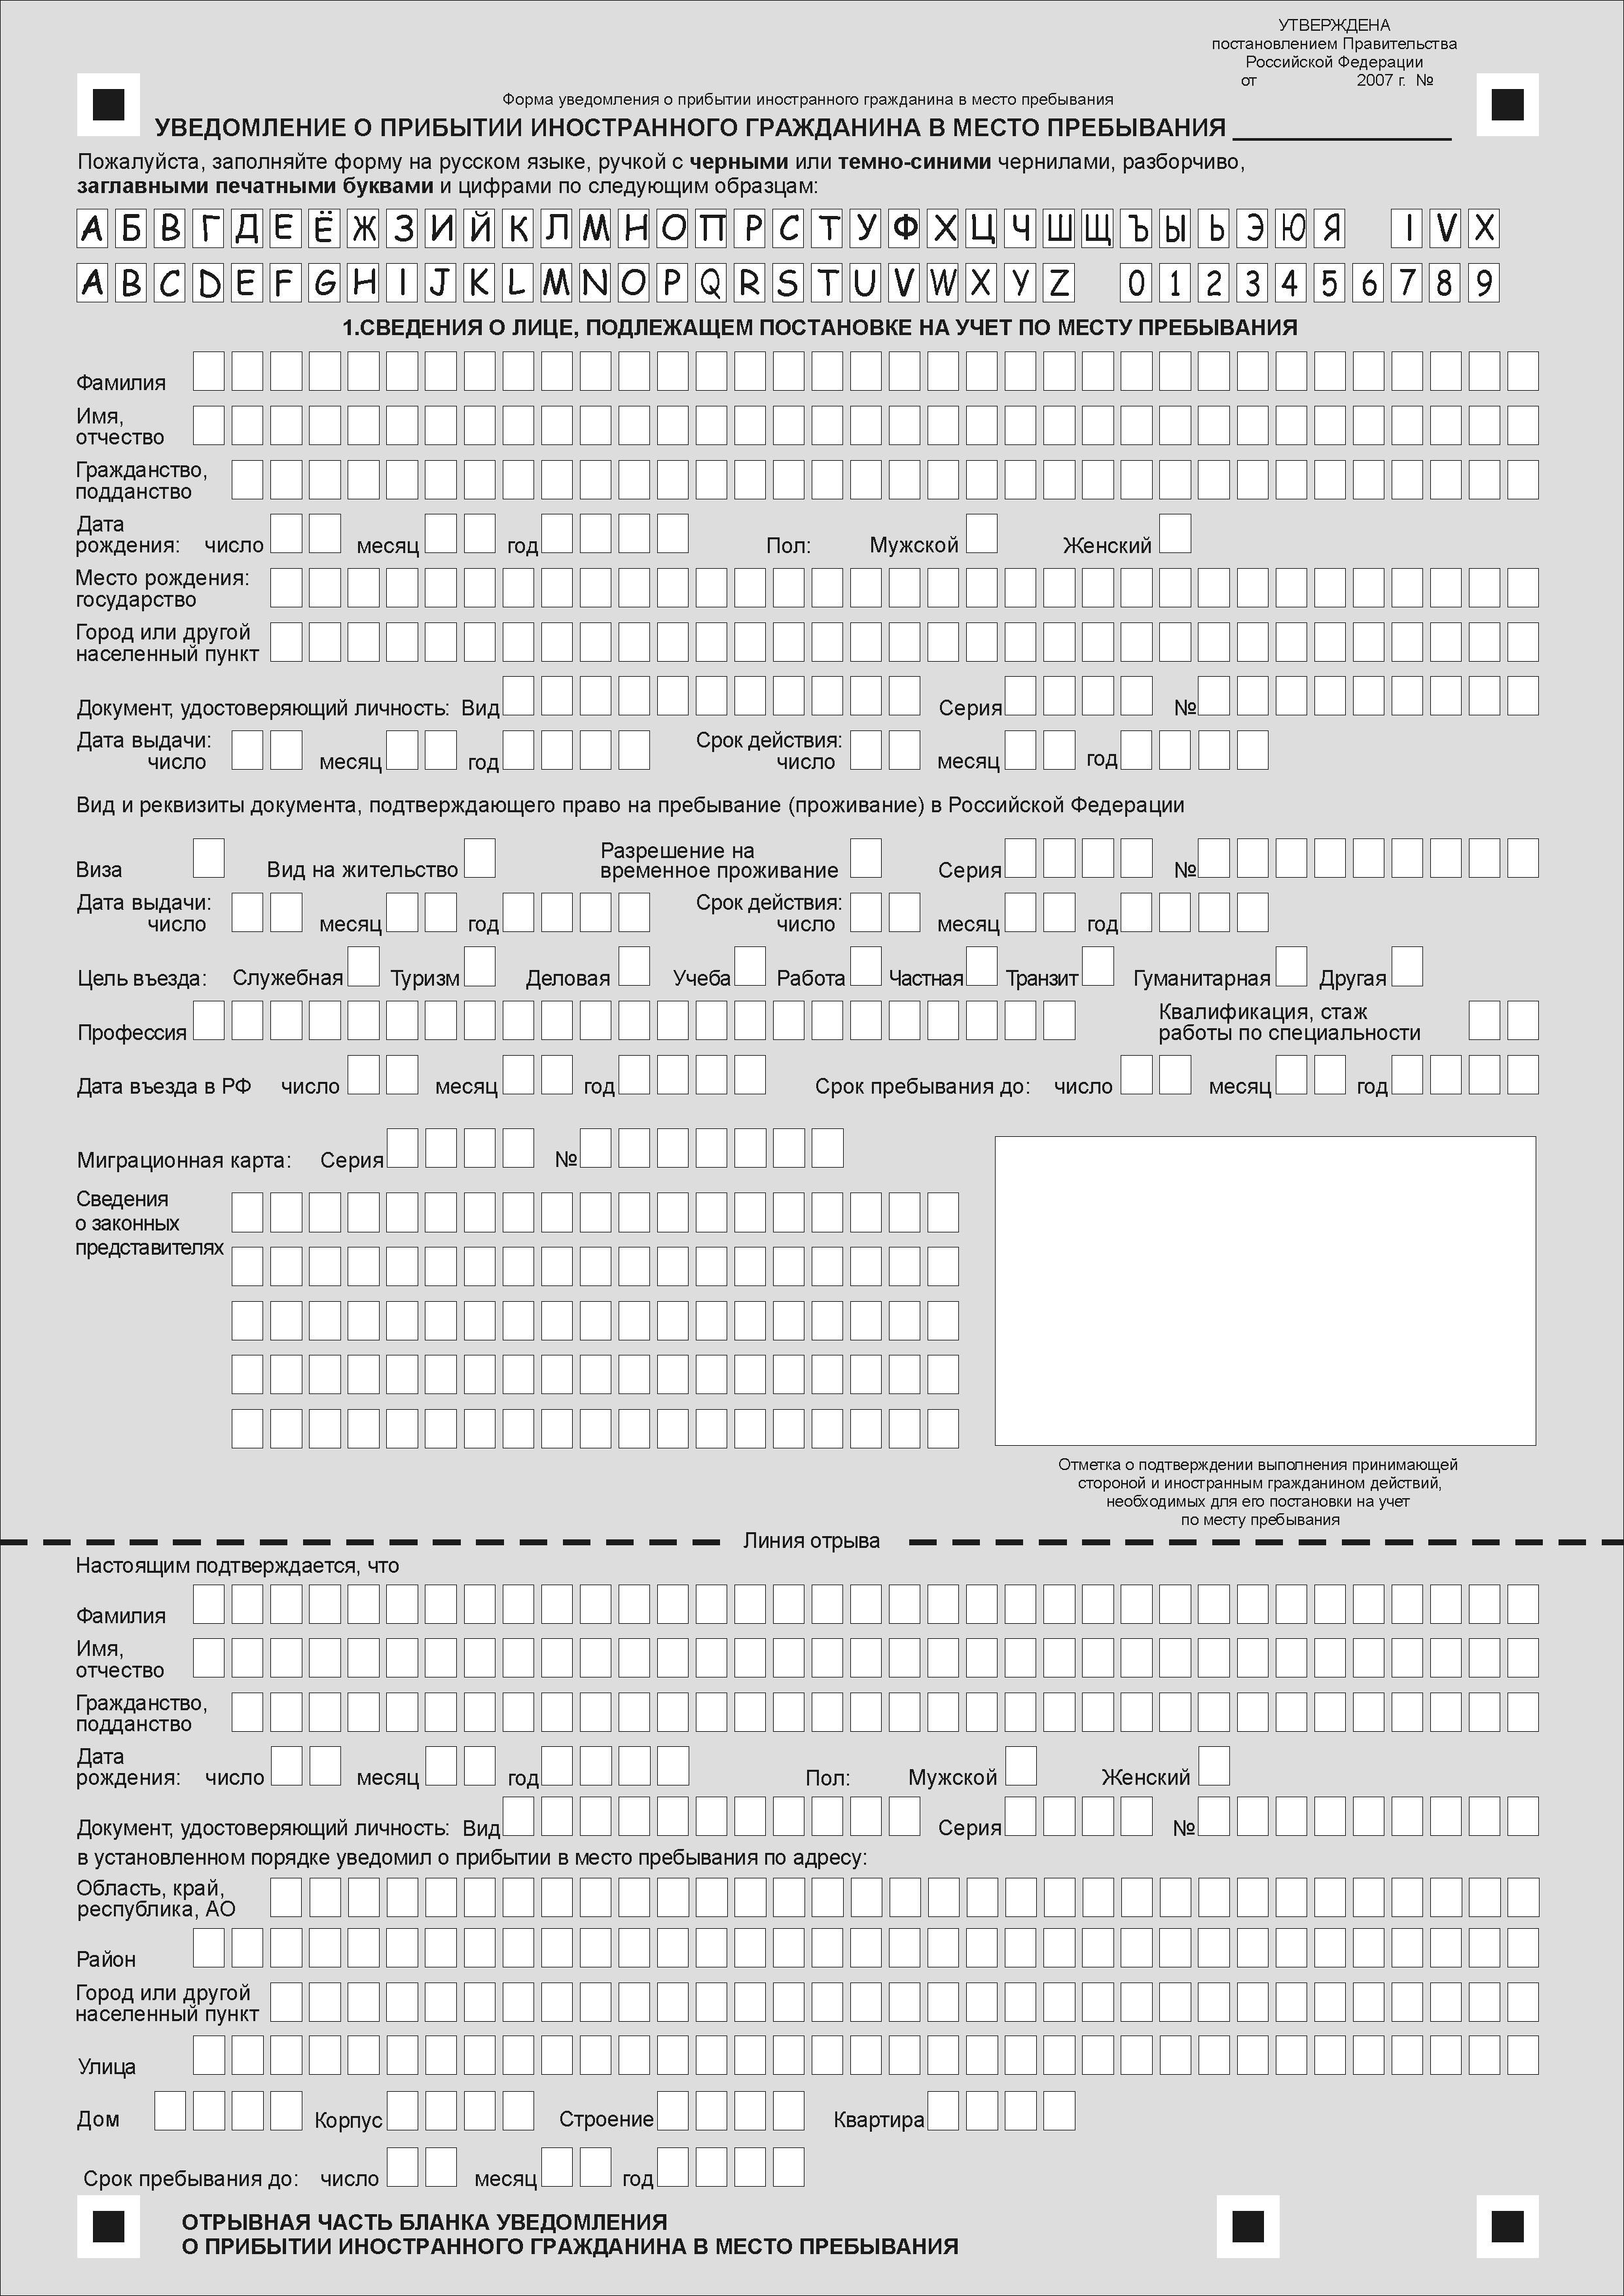 Уведомлении о прибытии иностранного гражданина бланк